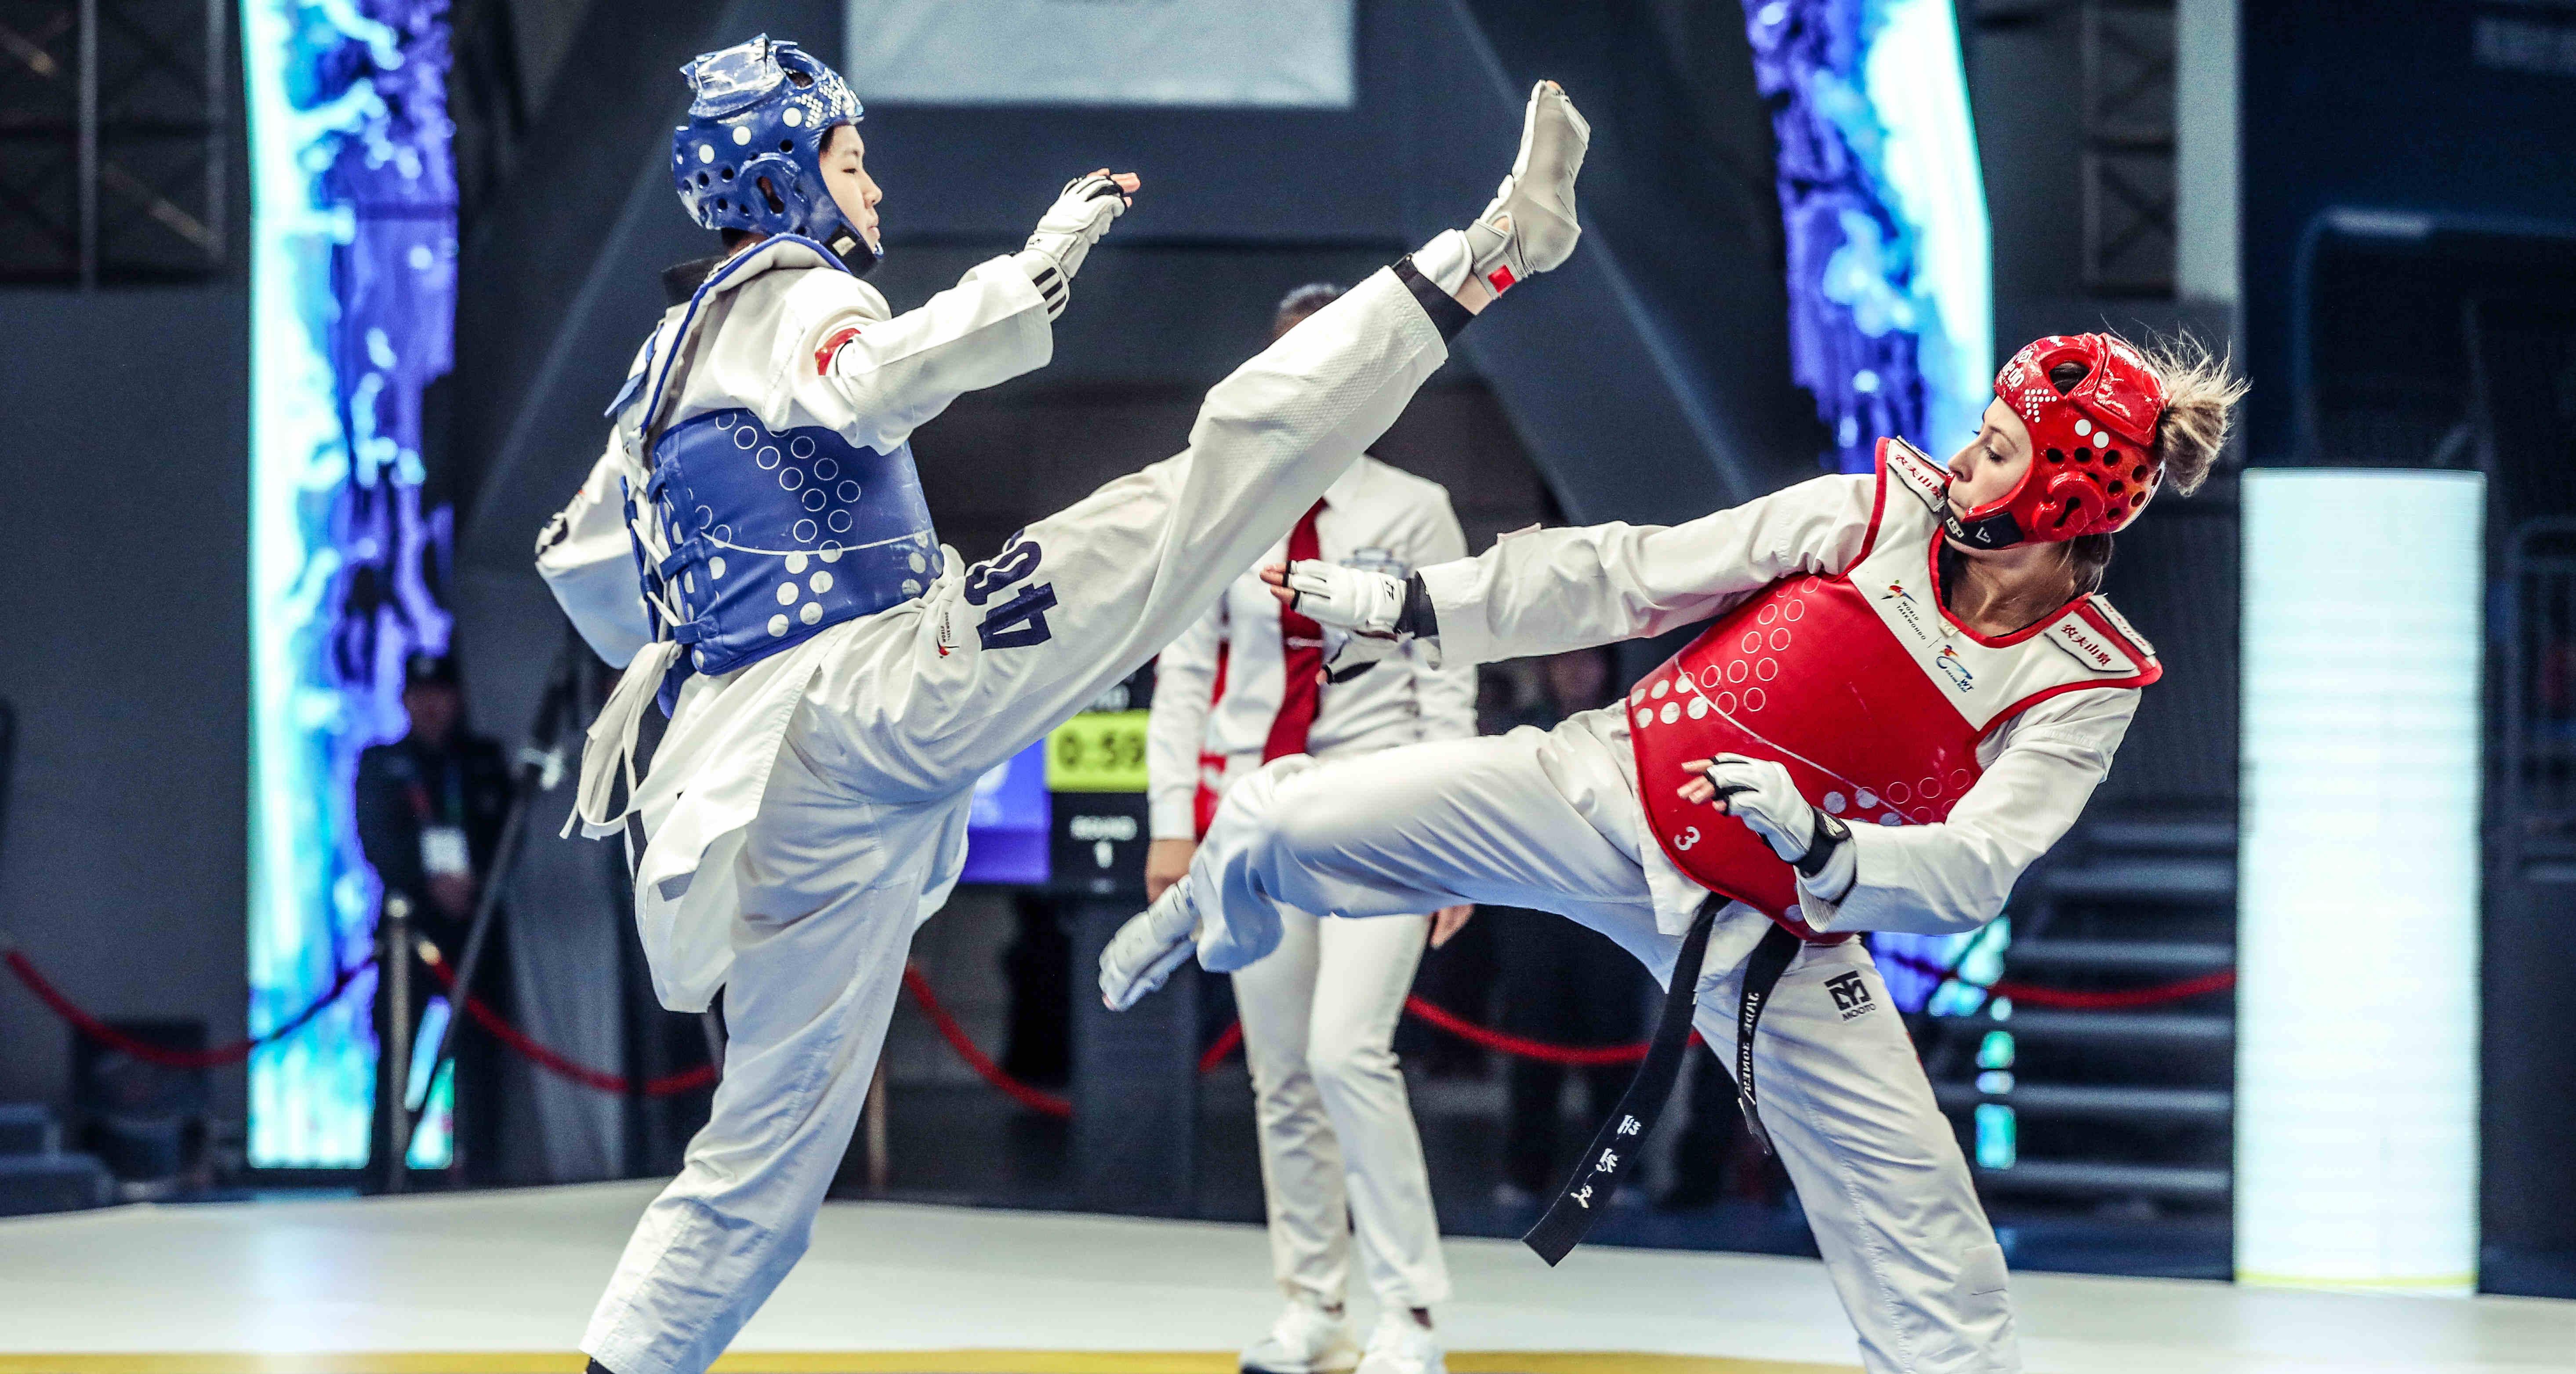 世界跆拳道大满贯冠军系列赛:周俐君获女子57公斤级冠军